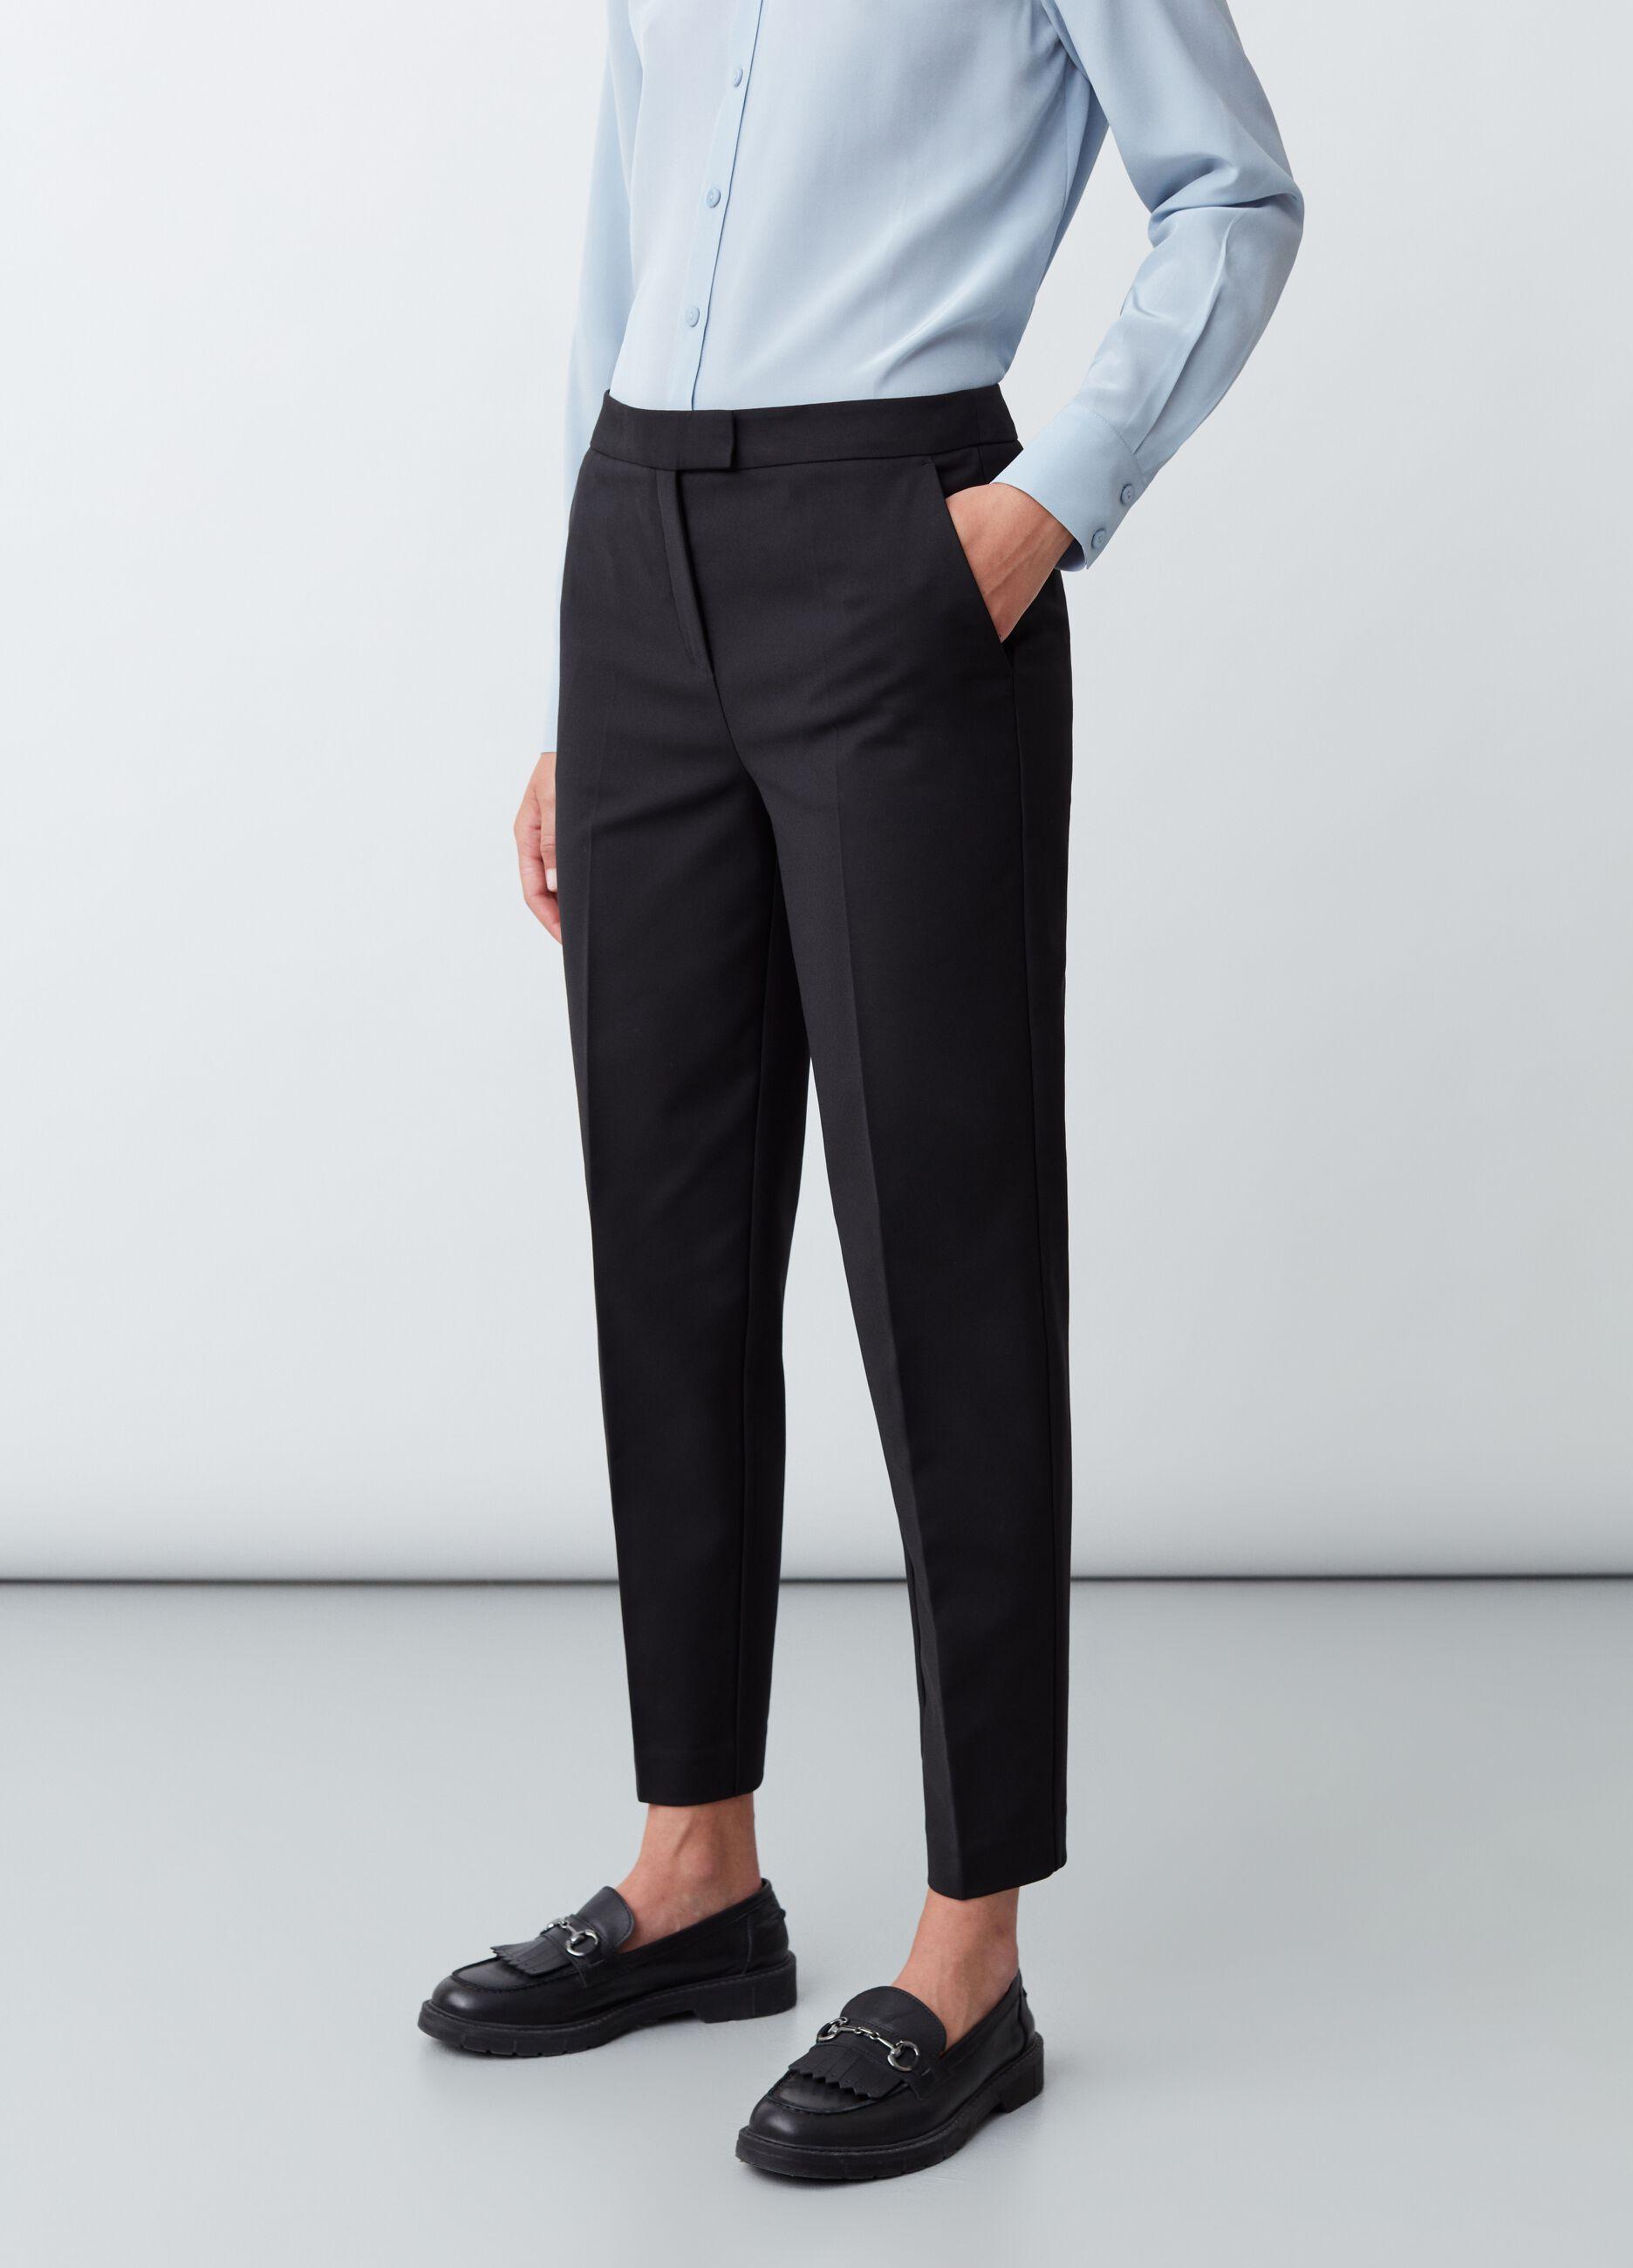 Pantalone in tessuto strutturato Nero